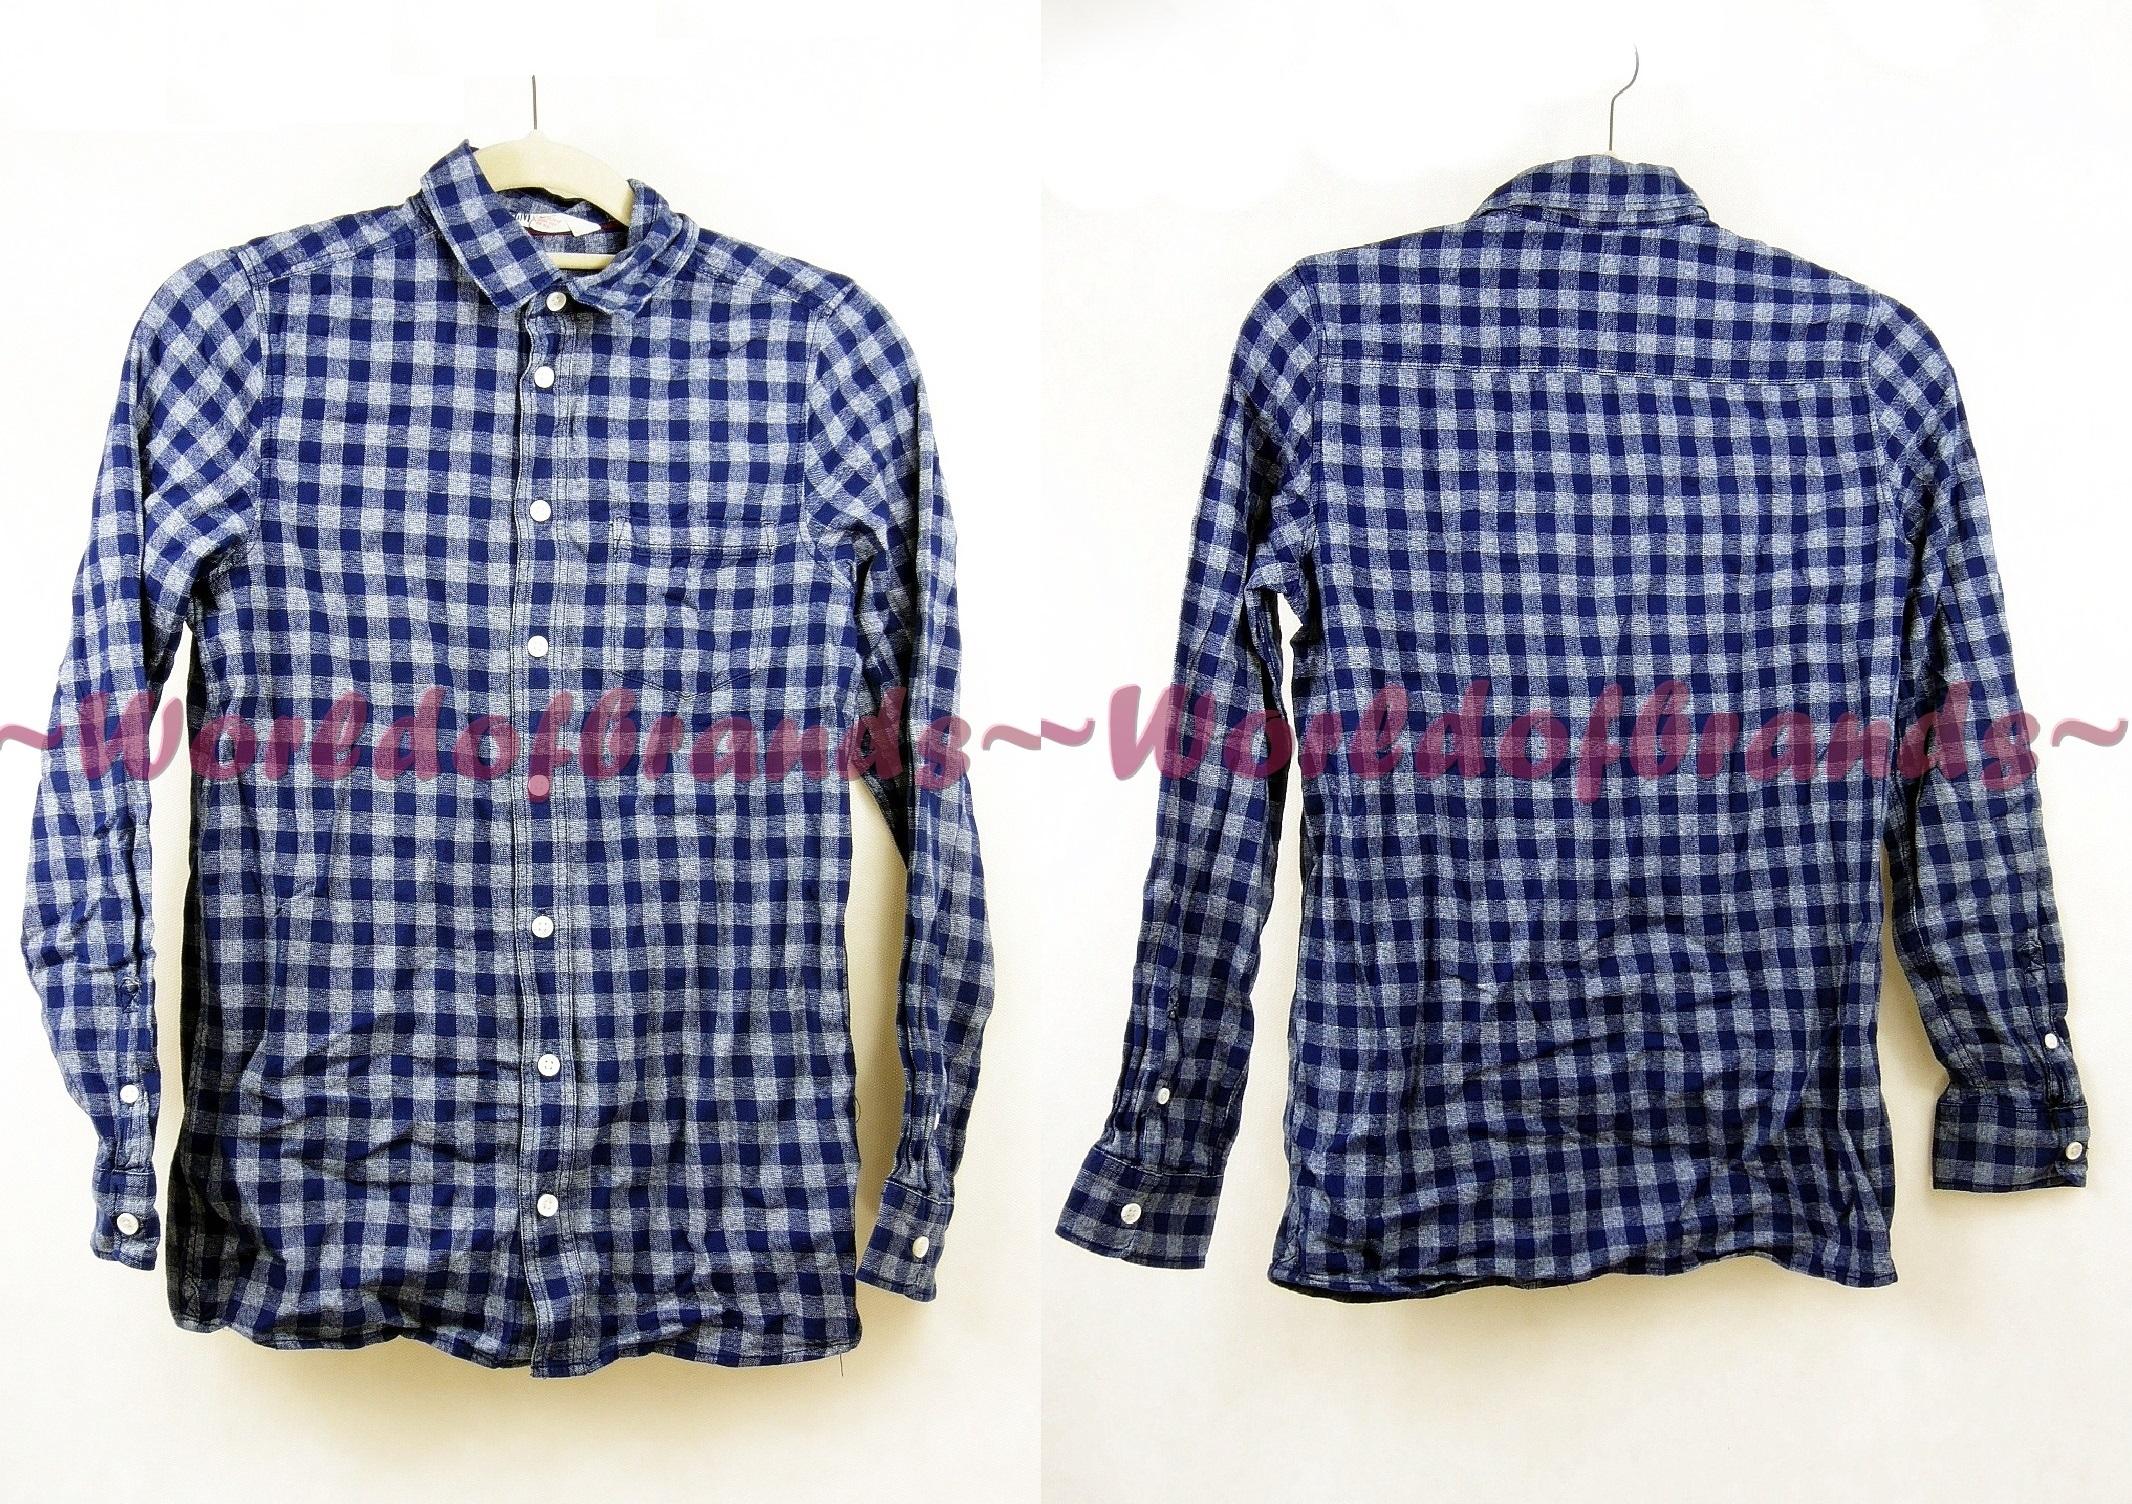 Kockovaná košeľa H&M Retro šachovnica